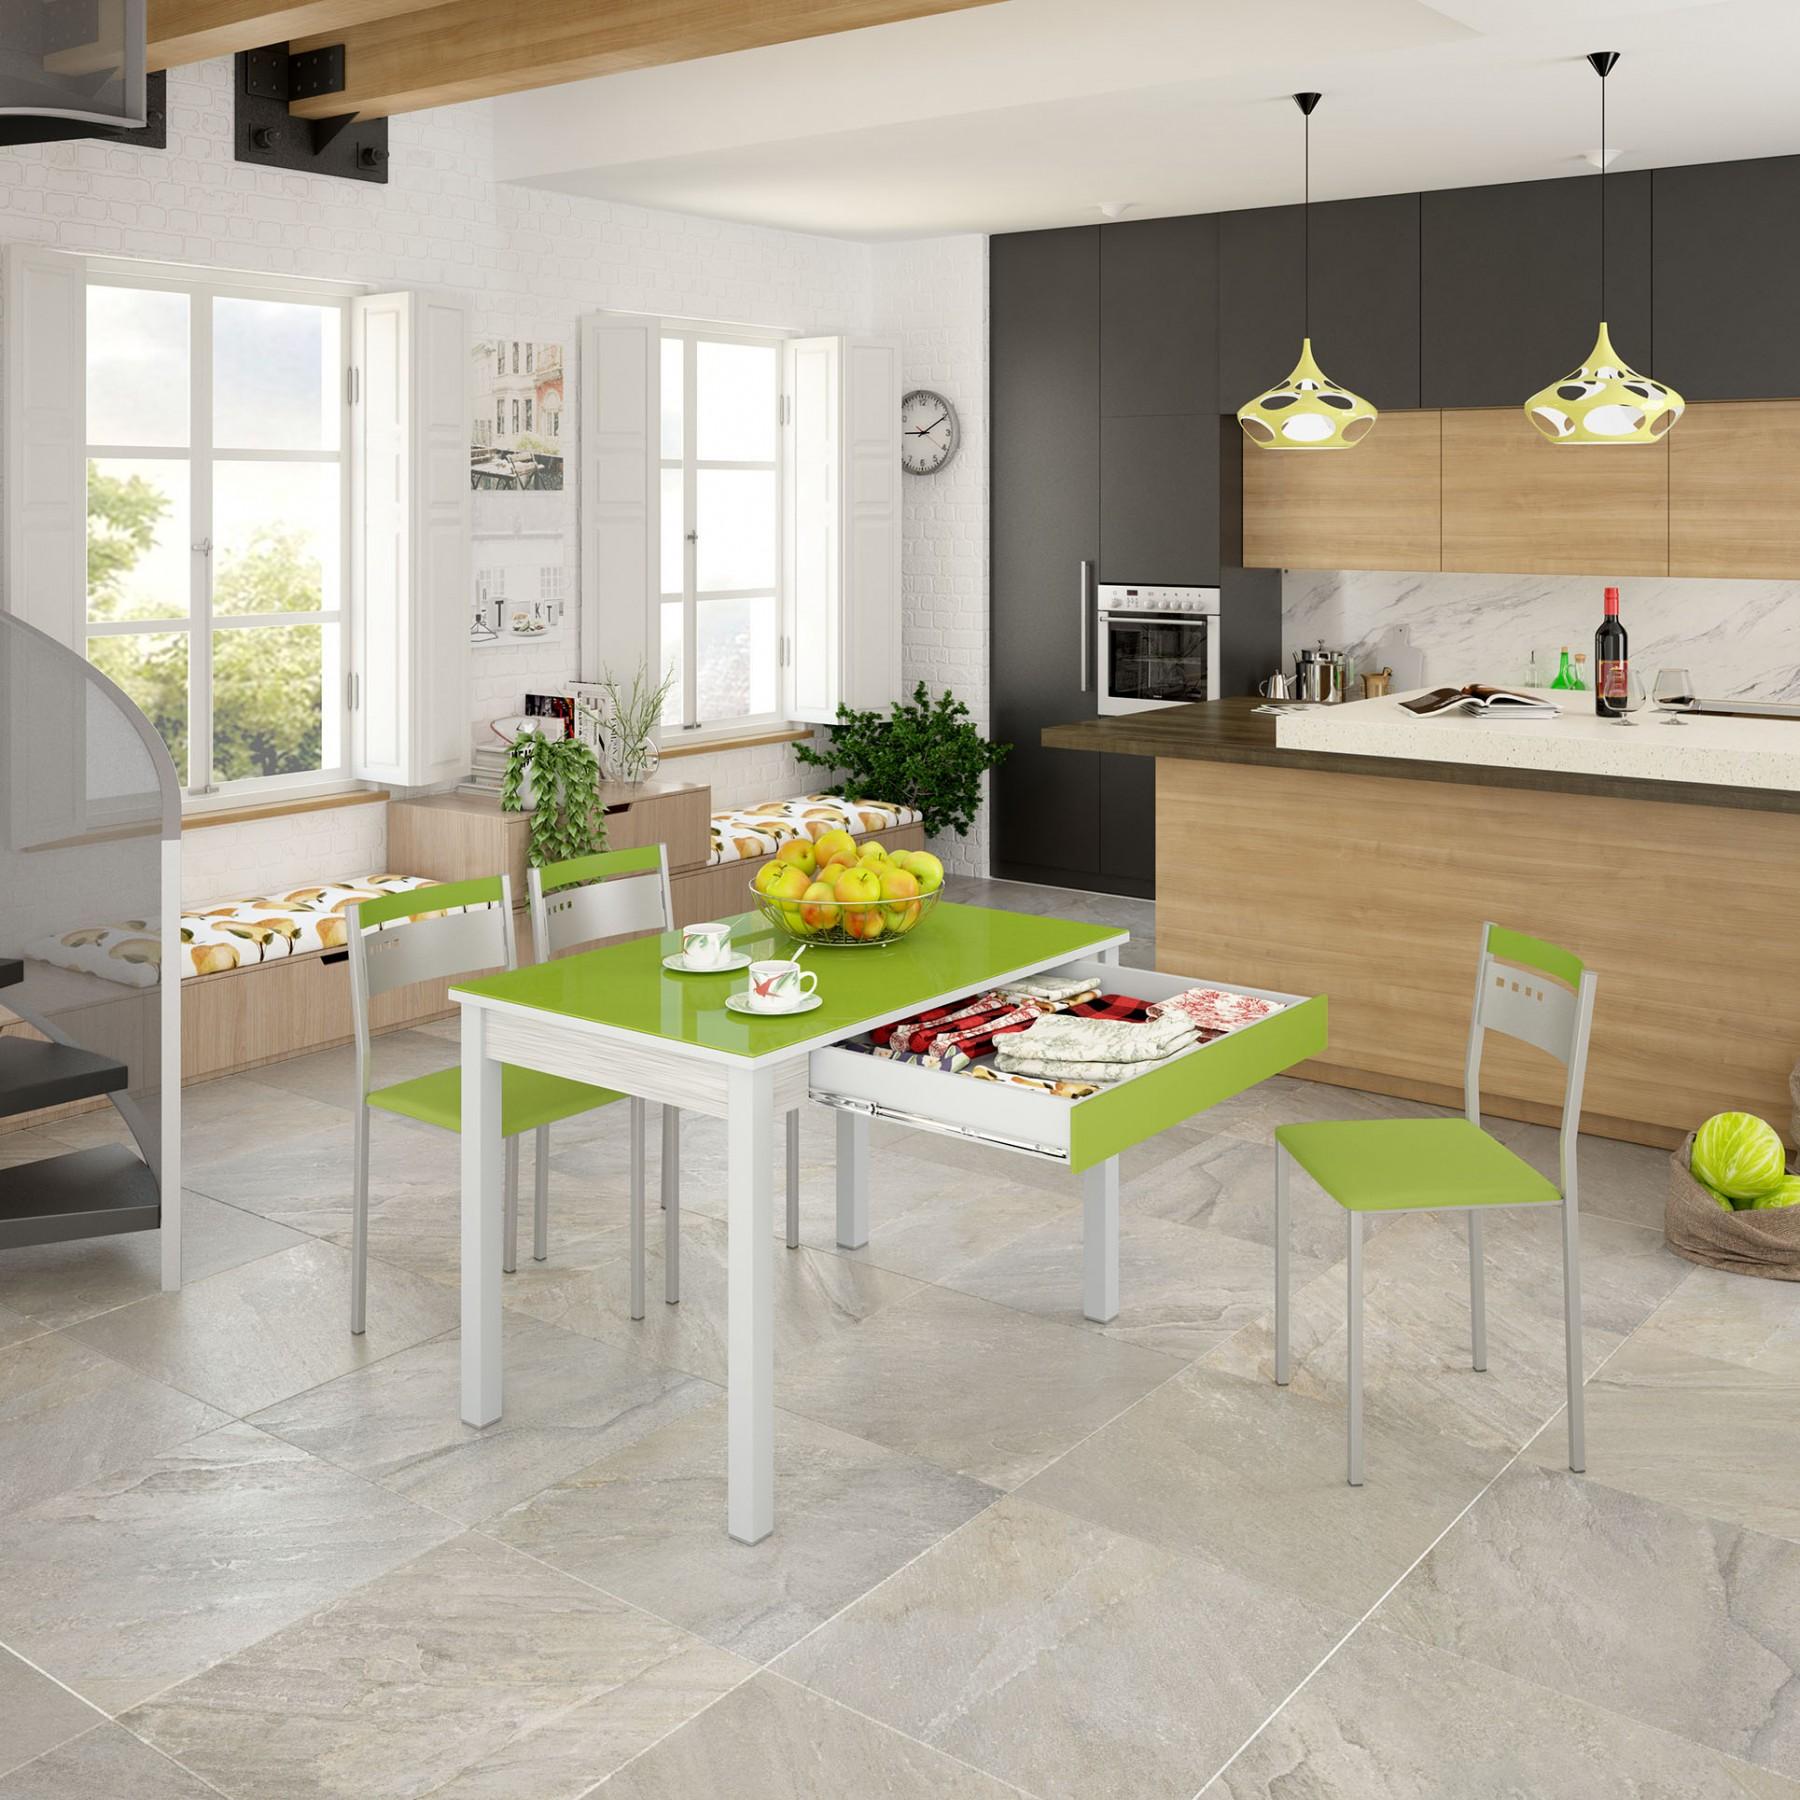 Mesa cocina fija con caj n modelo green for Mesas de cocina extensibles con cajon